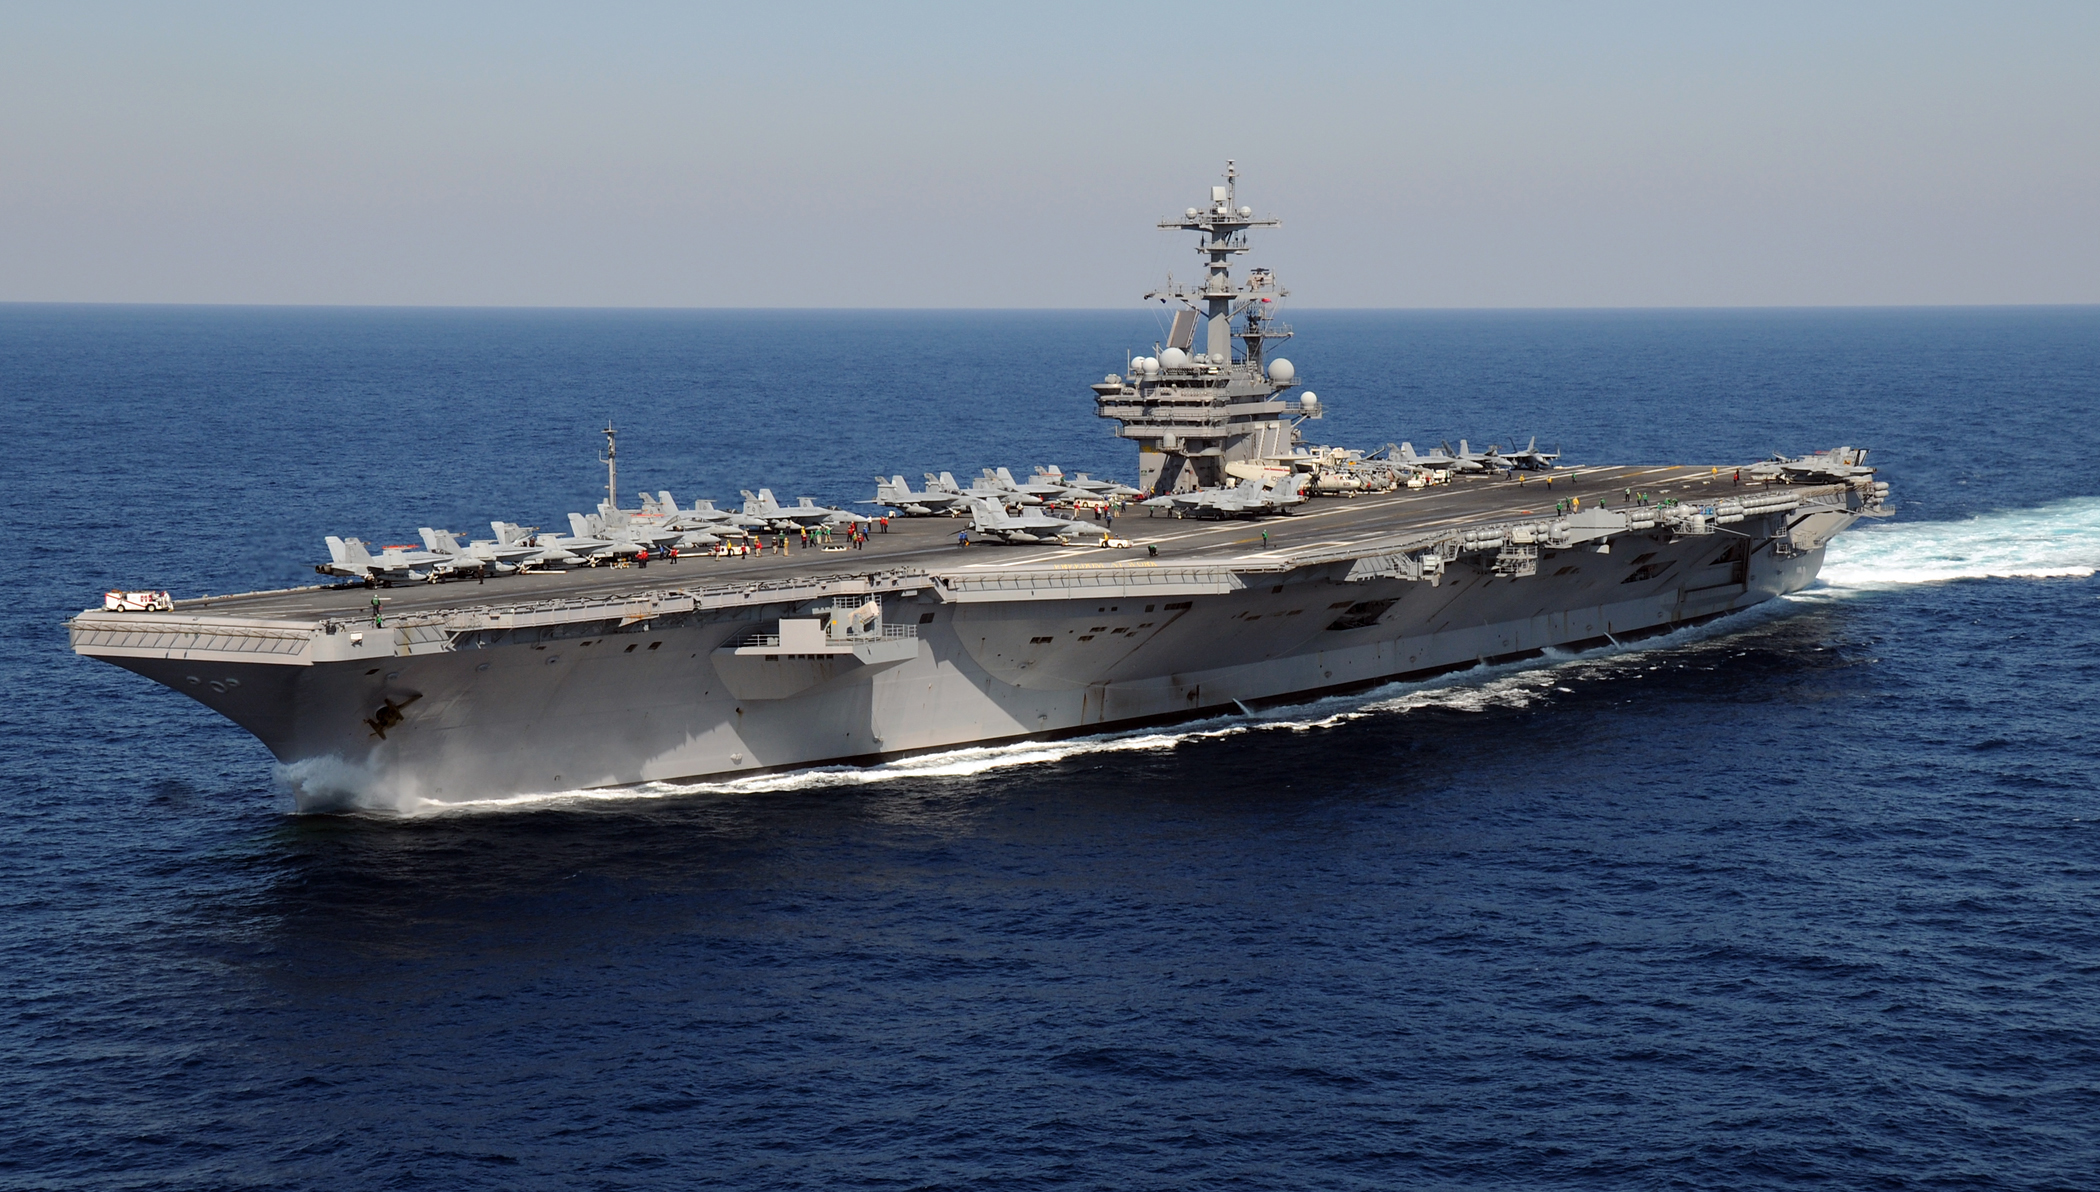 US_Navy_110129-N-3885H-158_USS_George_H.W._Bush_(CVN_77)_is_underway_in_the_Atlantic_Ocean.jpg